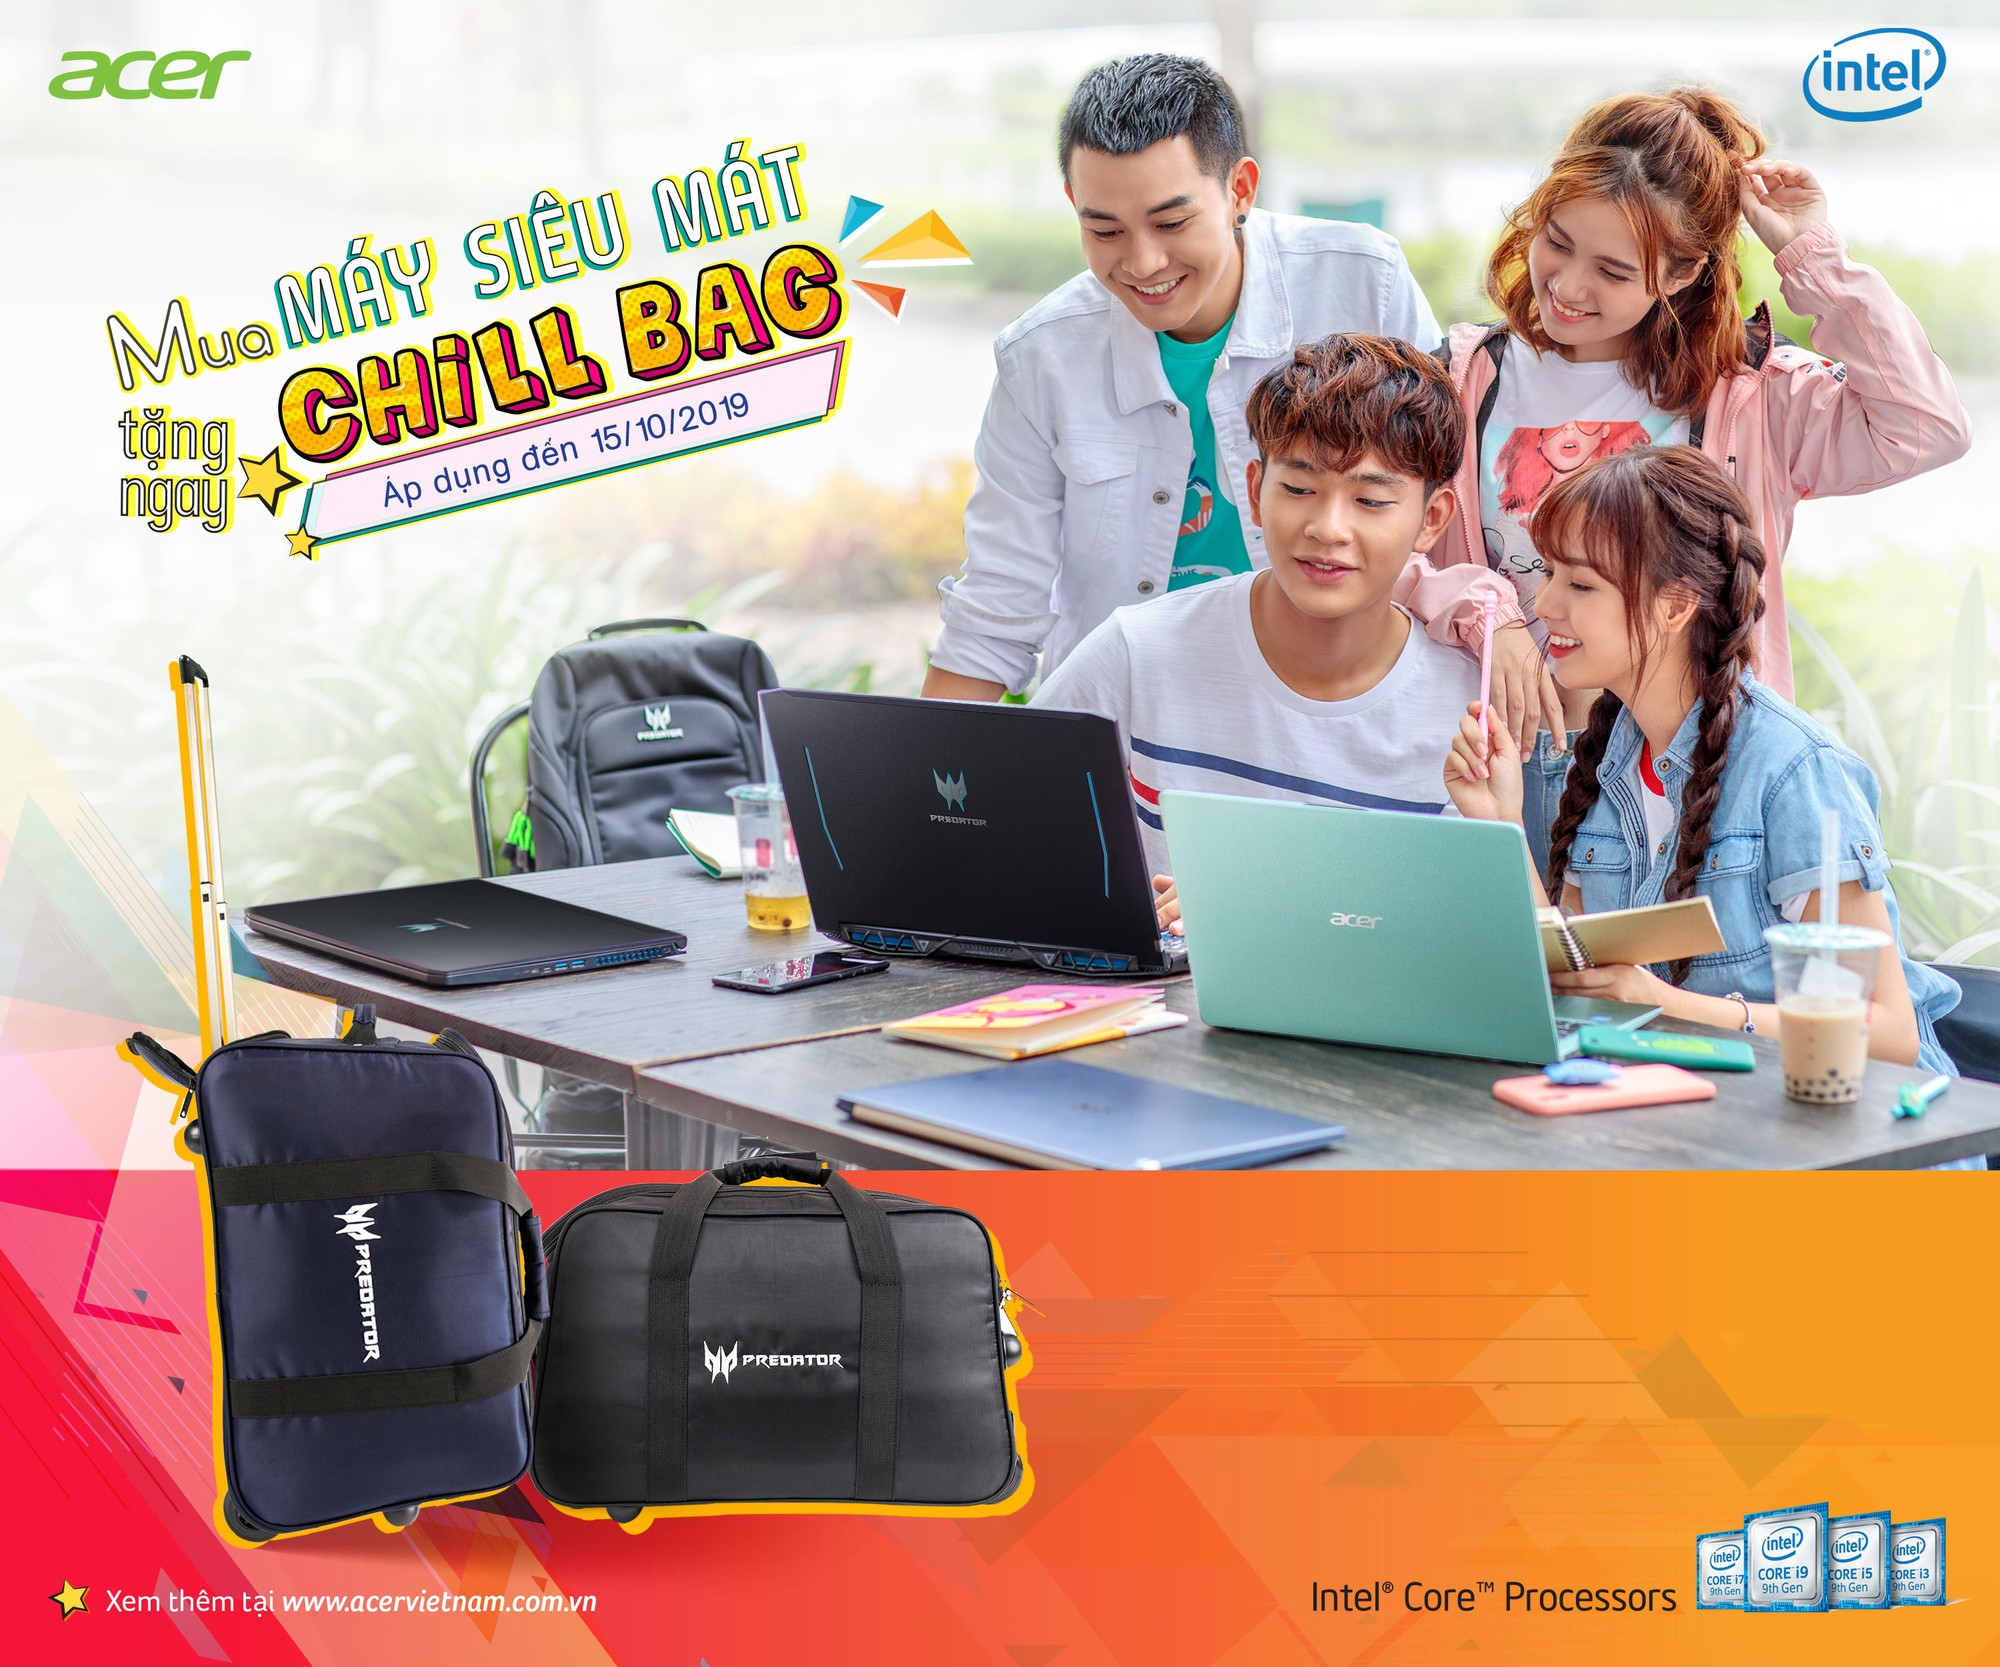 Acer giới thiệu chương trình khuyến mãi lớn nhất trong năm nhân mùa tựu trường Back To School - Ảnh 6.